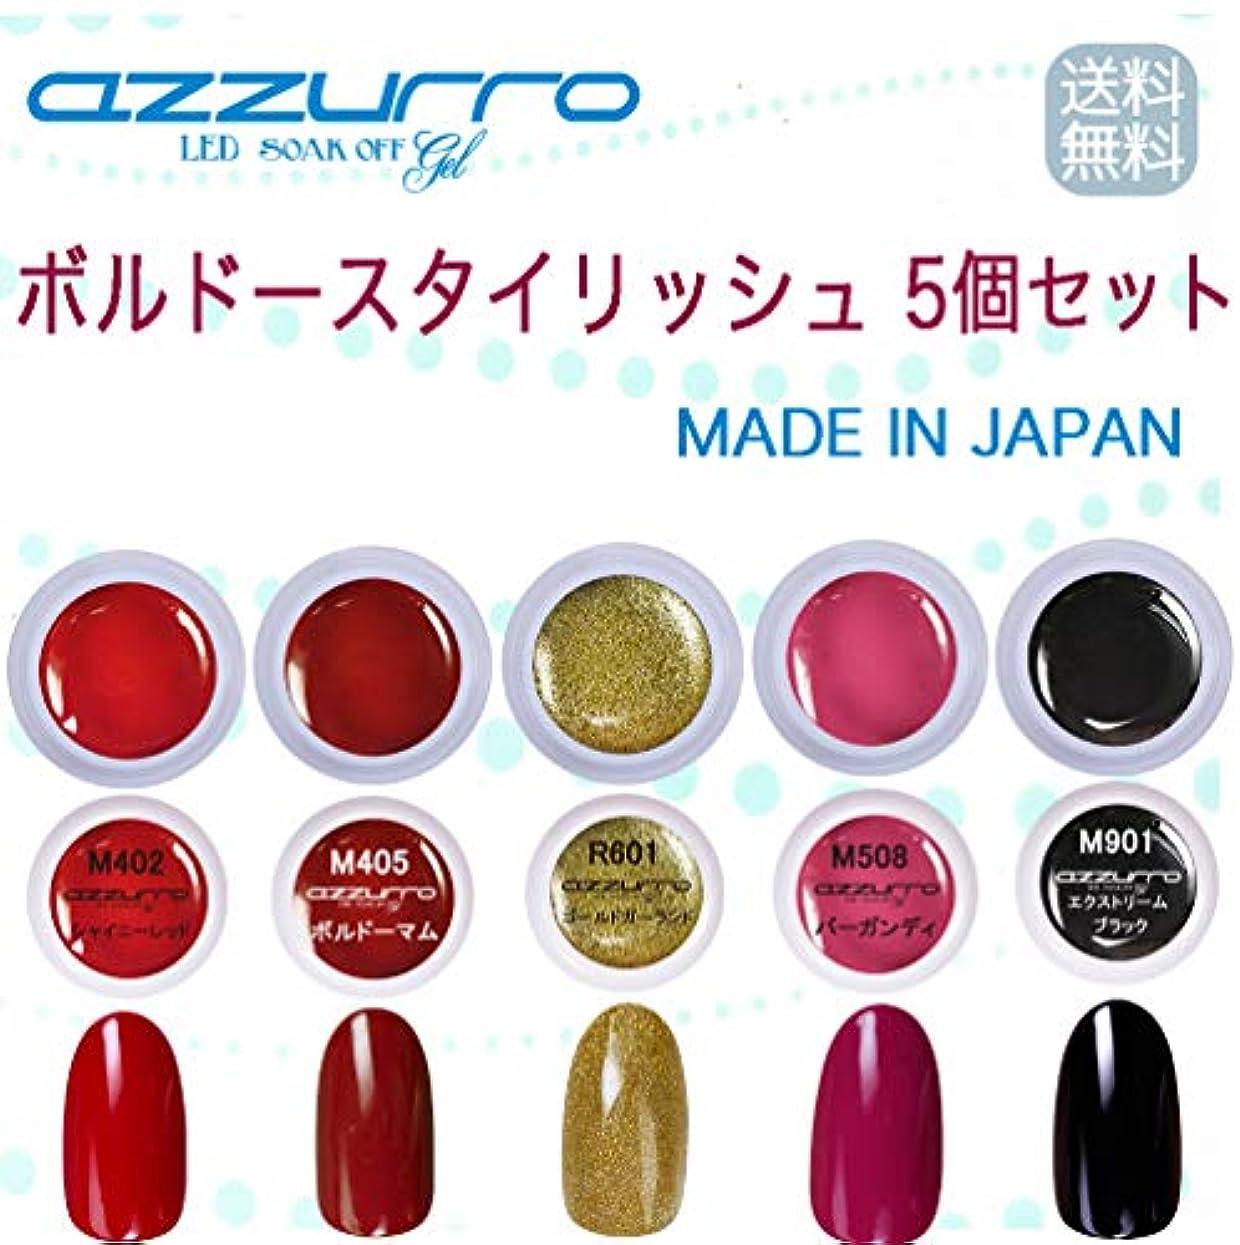 テクスチャーチキン問い合わせる【送料無料】日本製 azzurro gel ボルドースタイリッシュカラージェル5個セット ネイルアートのマストカラーボルドーとブラックをセット